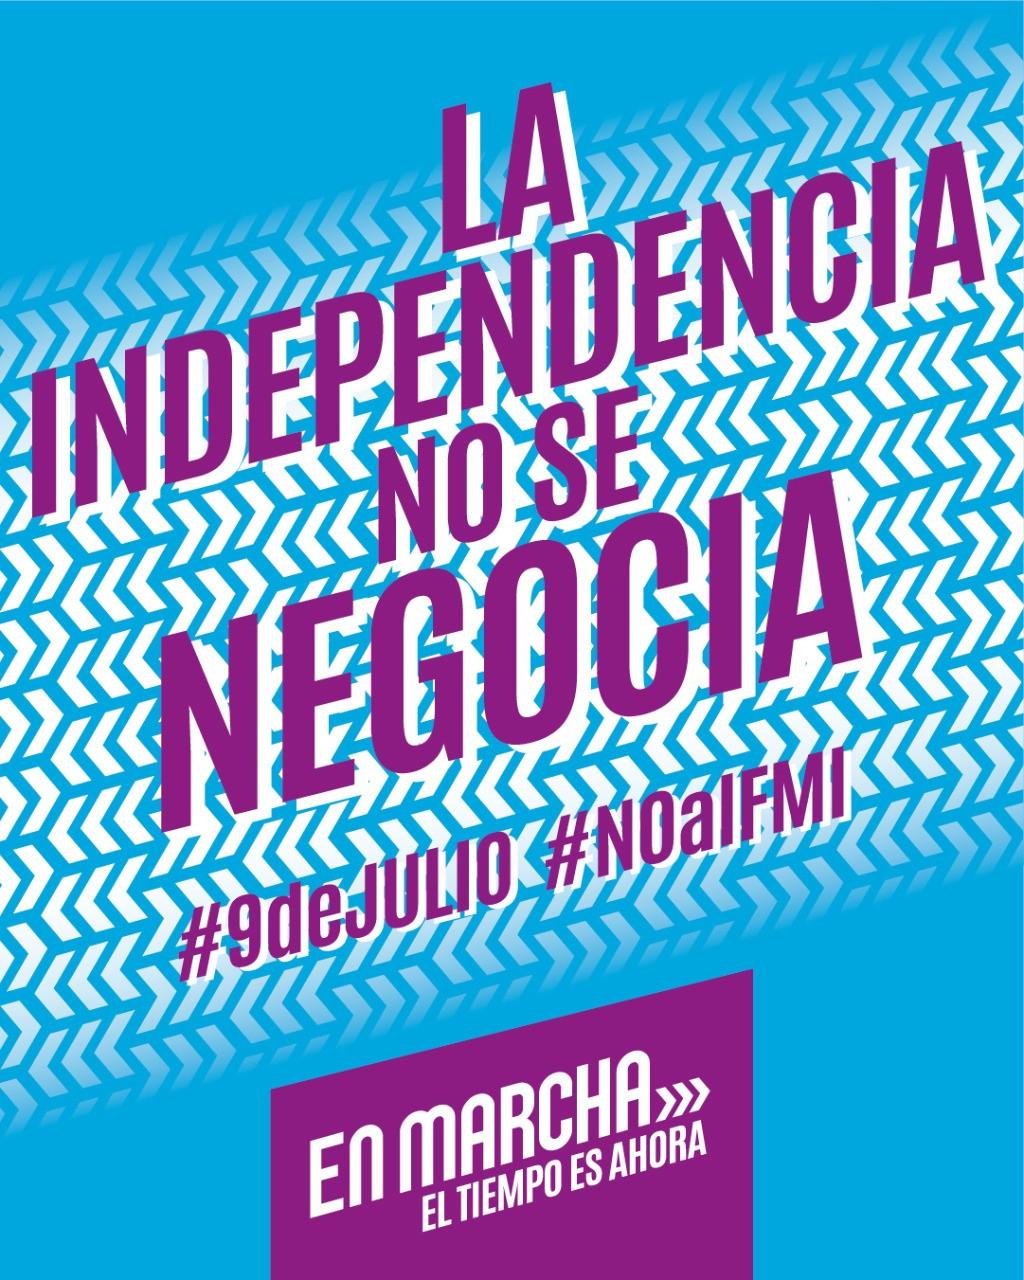 El secretario general de Libres del Sur, Jorge Ceballos, participará de la movilización en el marco del 9 de julio en repudio al FMI